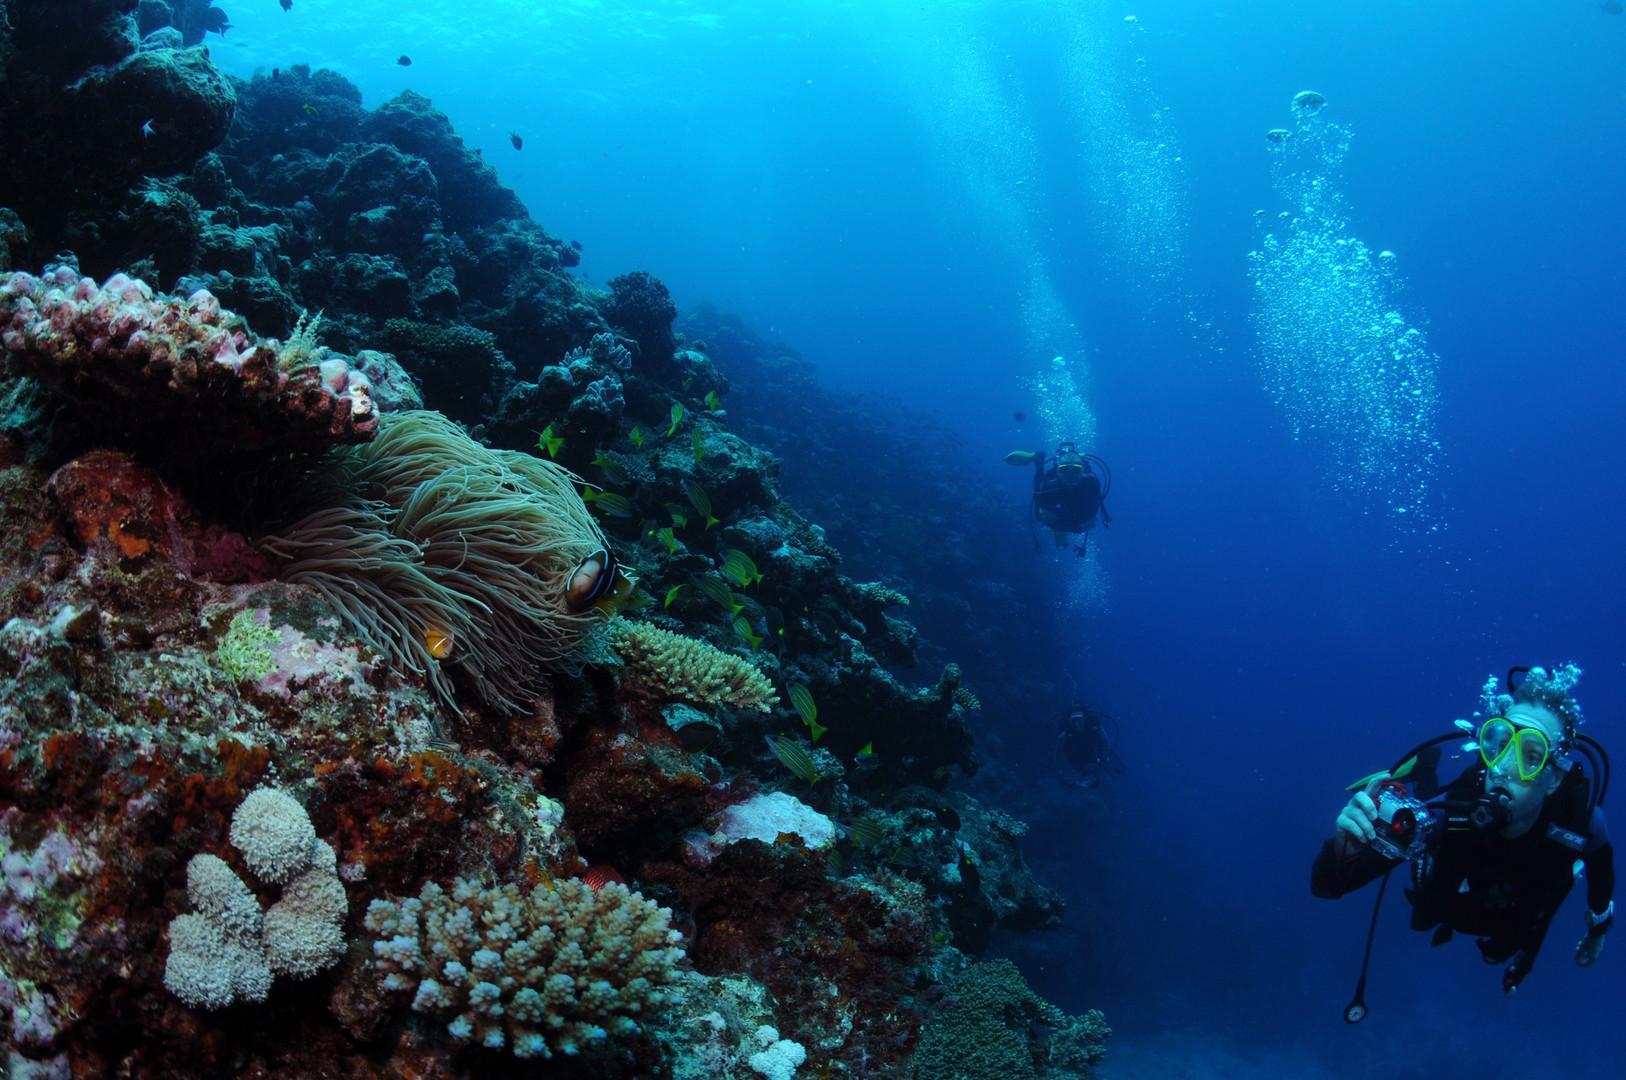 Banc de corail à Anjouan